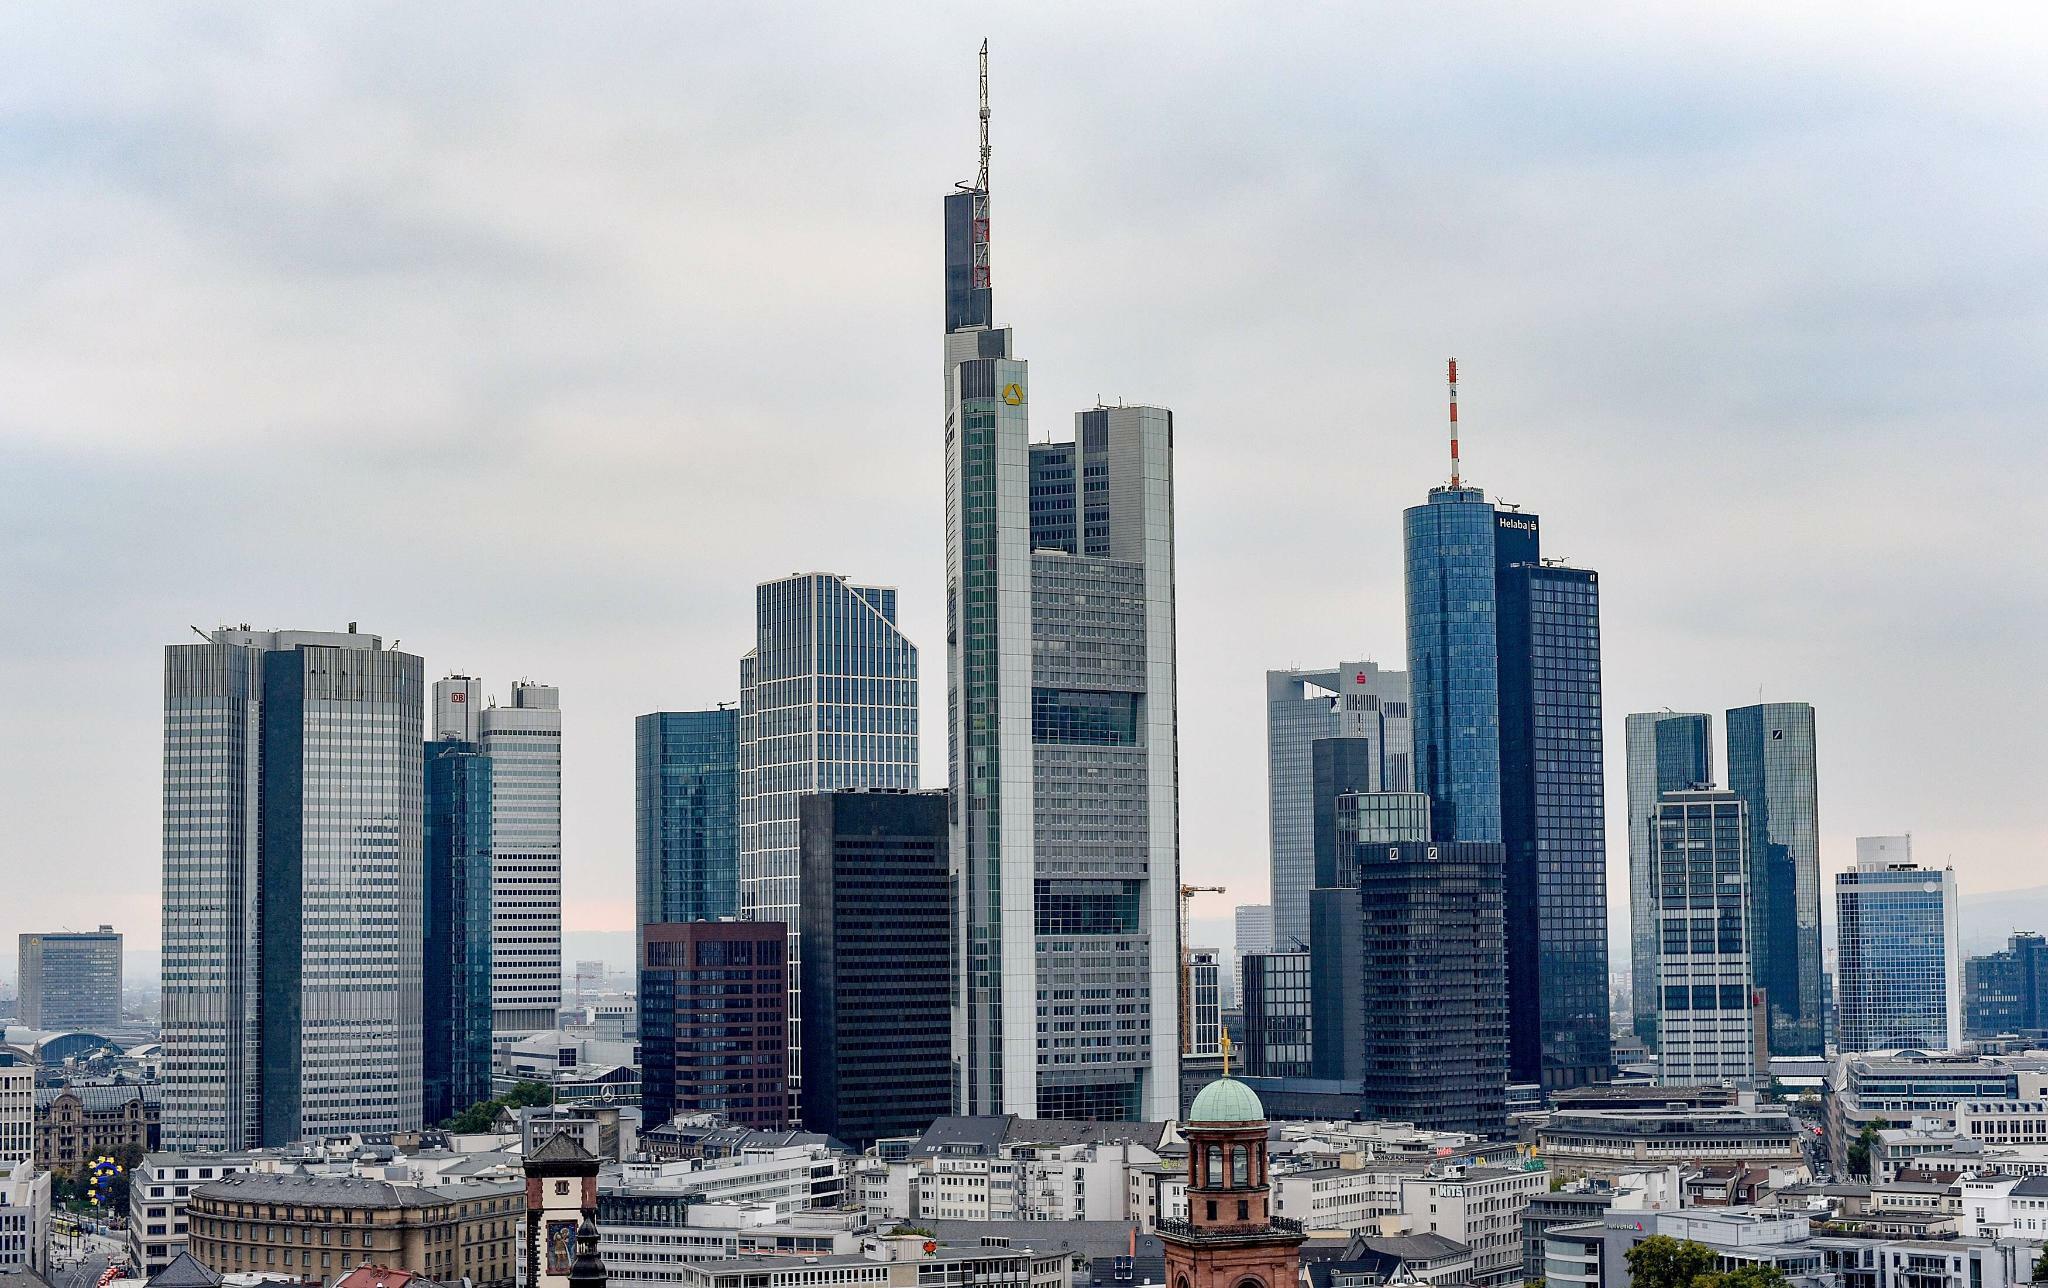 Trotz Sparbemühungen: Die deutschen Banken stehen schlecht da